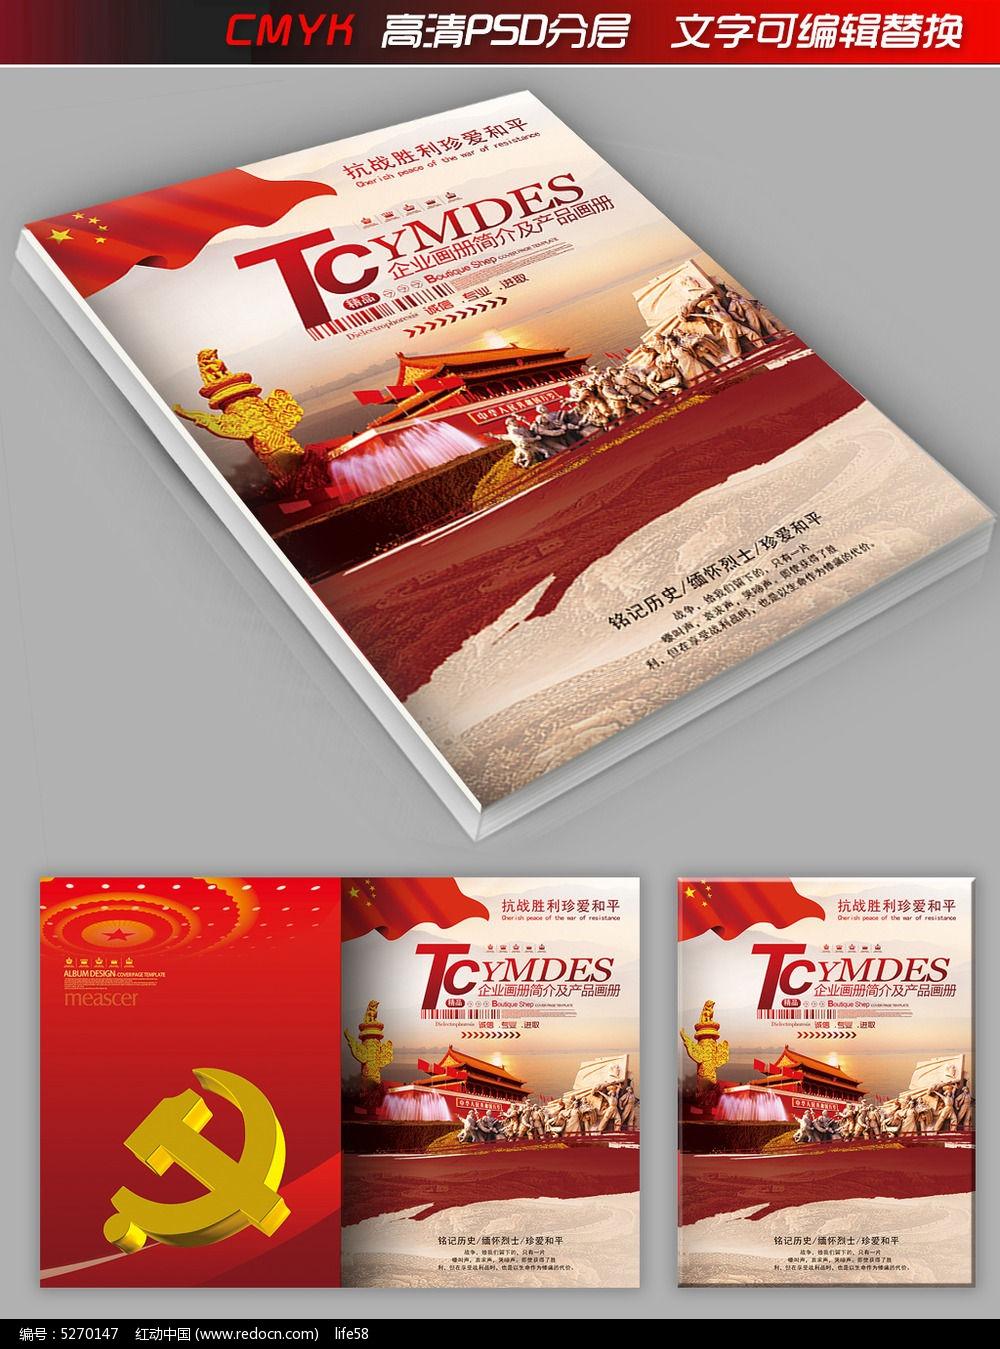 红色党建党政政府抗战机关学习教育画册封面图片